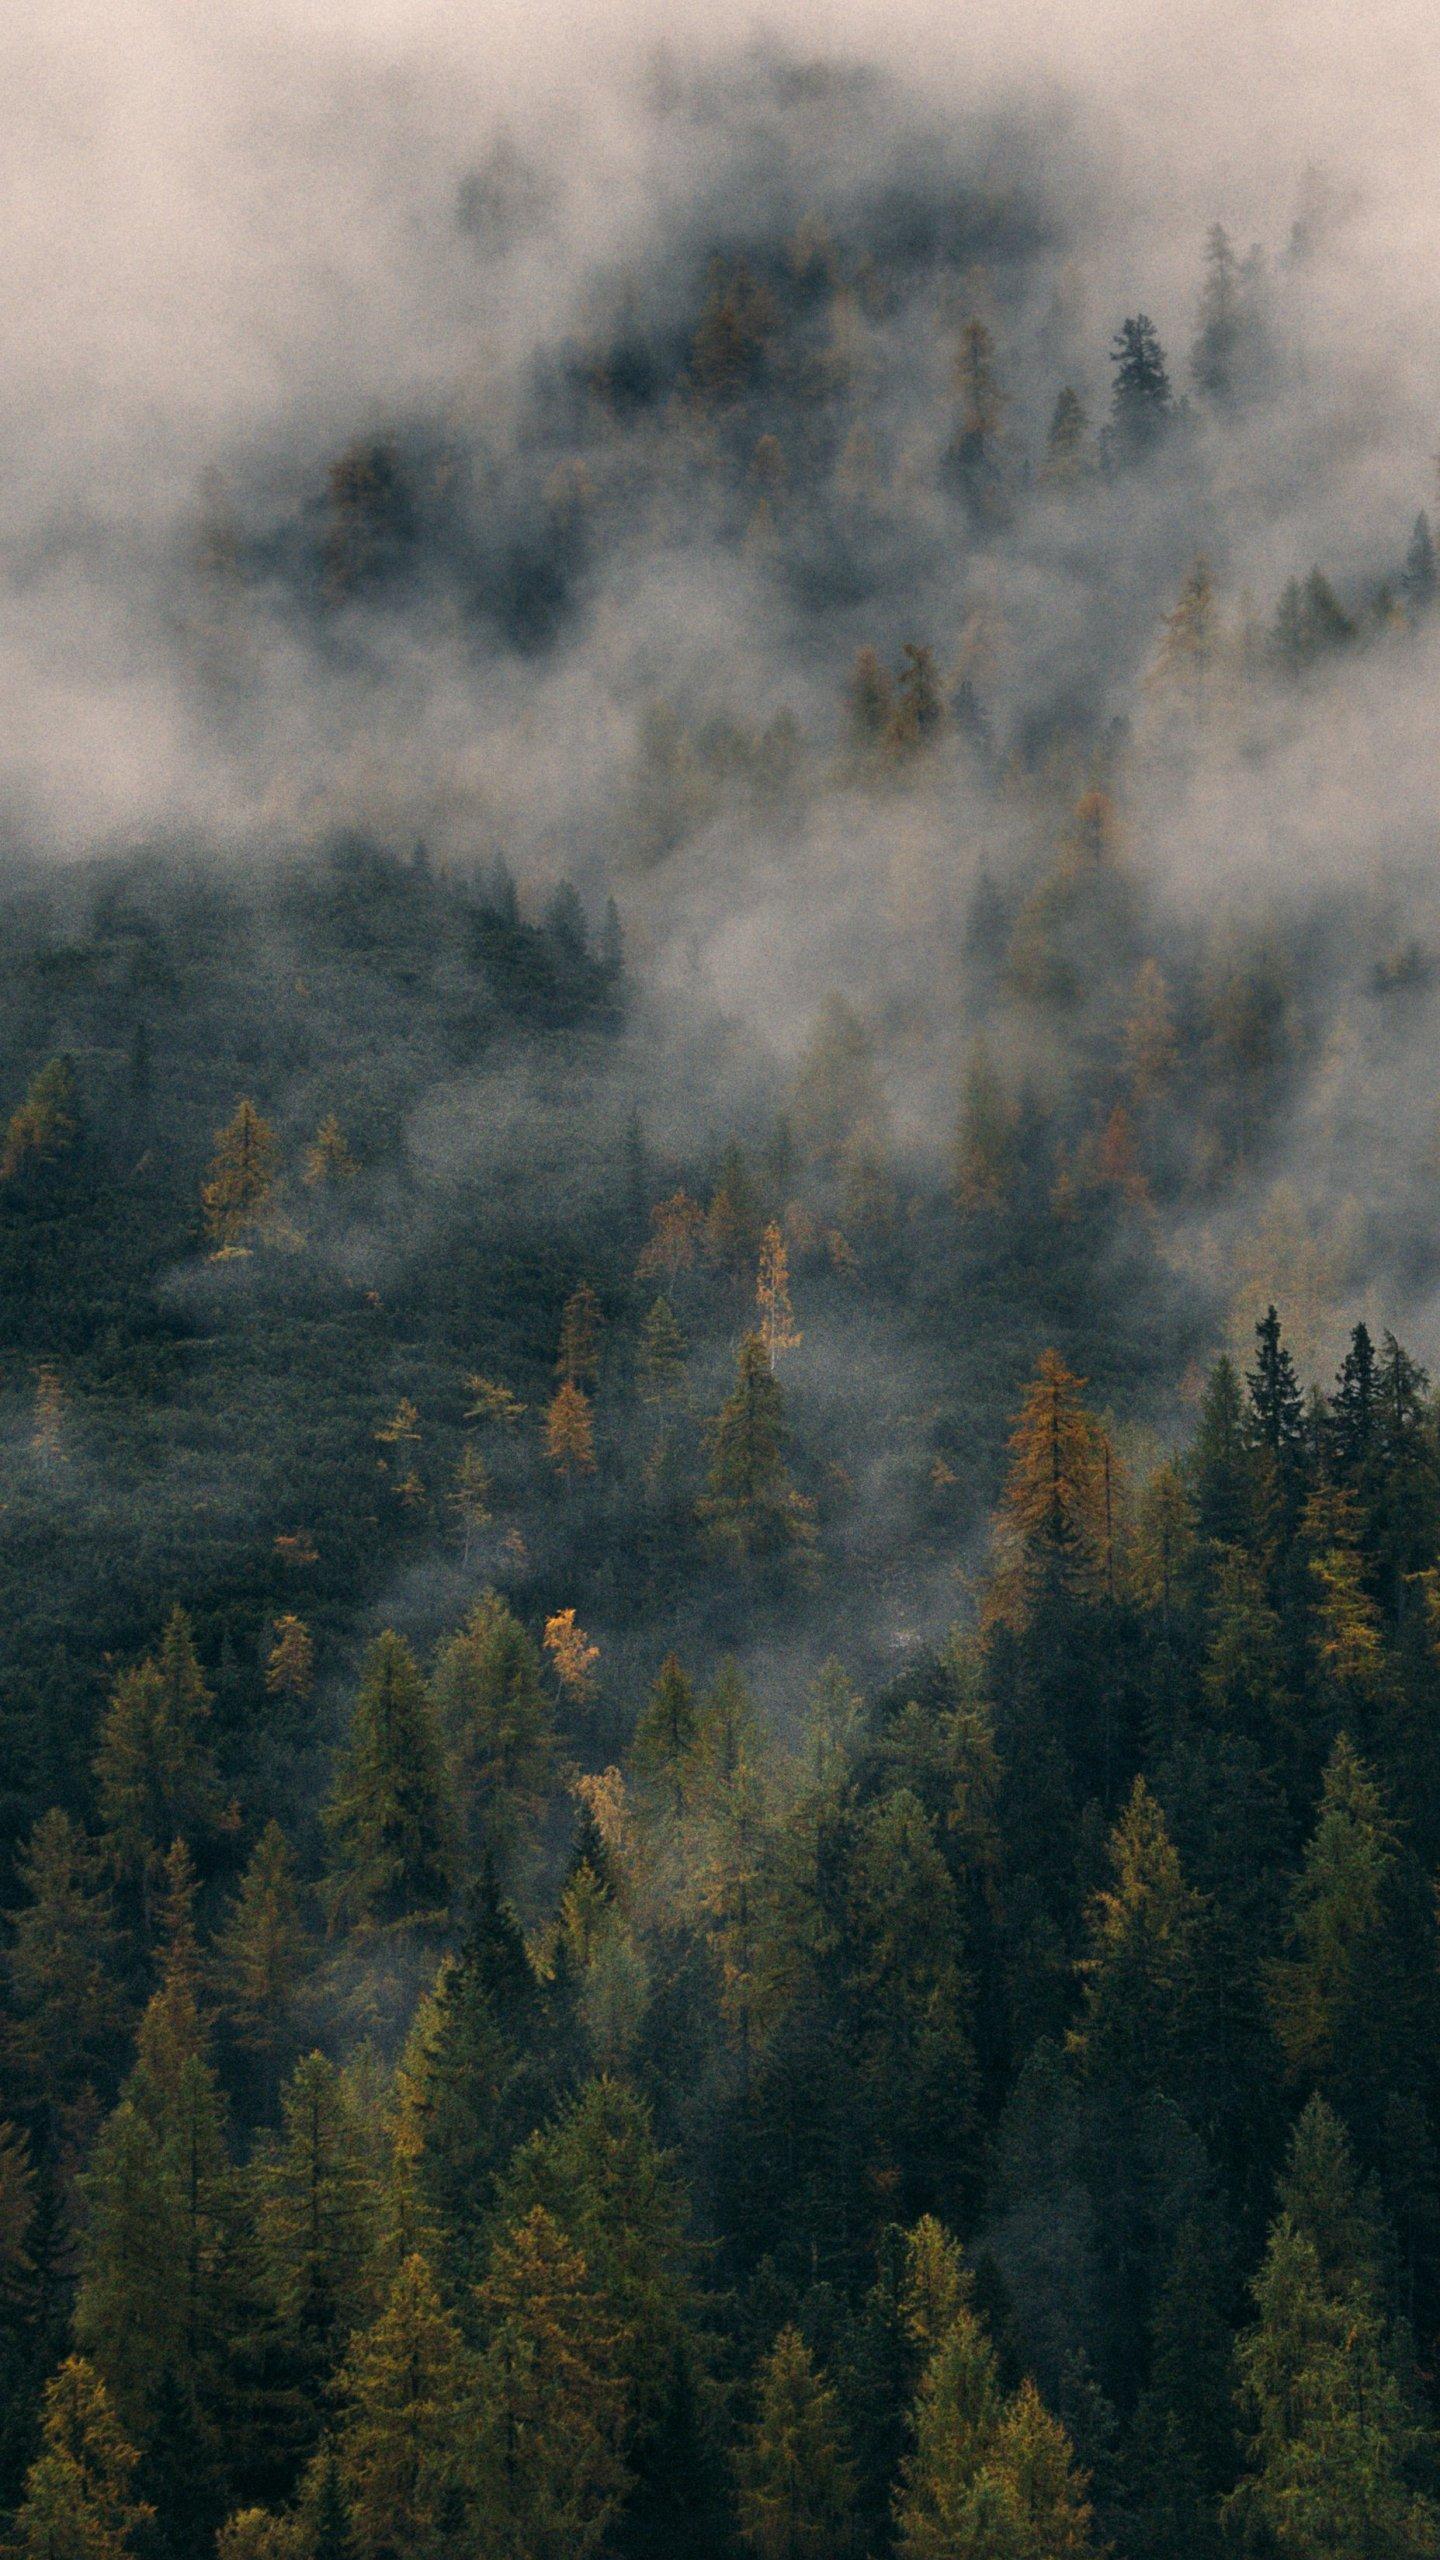 Foggy Forest Hill Wallpaper Mobile Amp Desktop Background